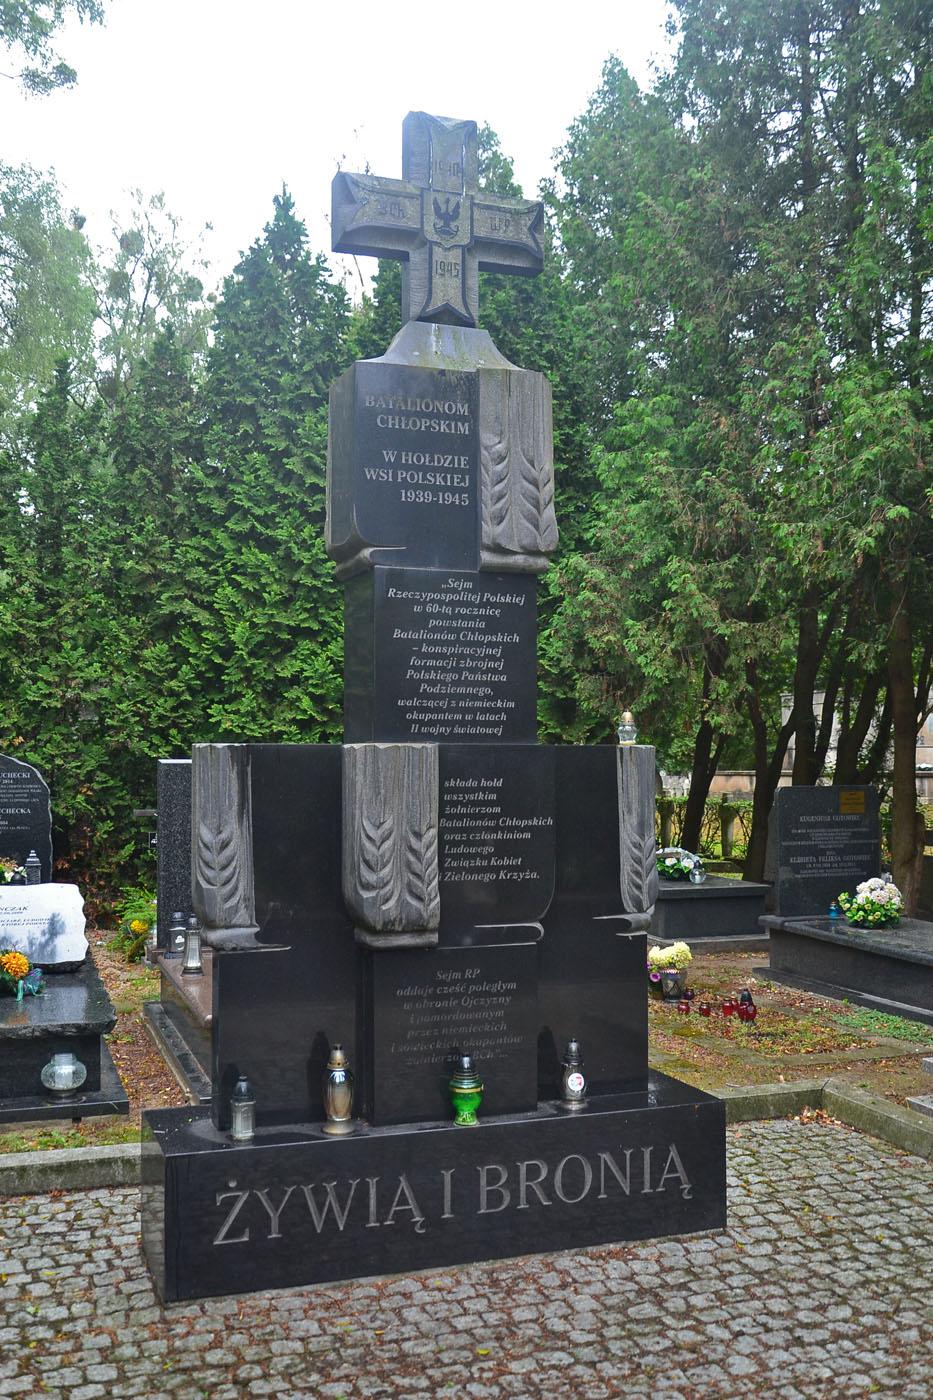 Cmentarz Wojskowy na Powązkach, ul. Powązkowska, Warszawa - zdjęcia